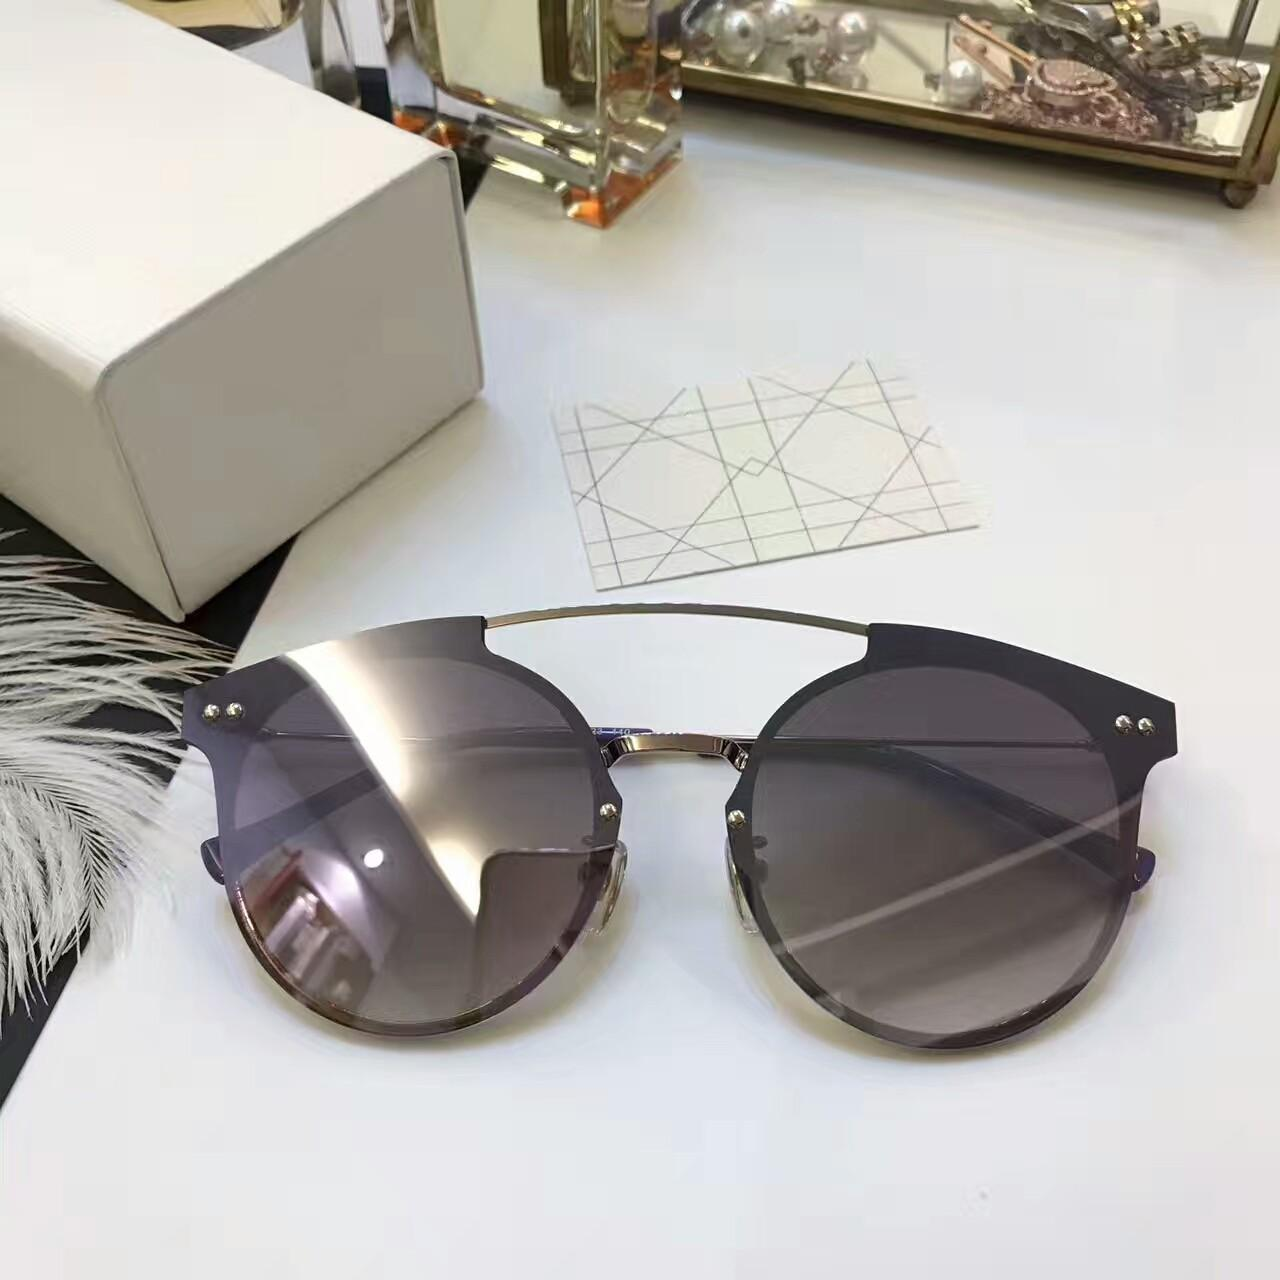 1d493c4041460 Compre Marca Mujer Gafas De Sol Gafas De Sol Para Hombres Marca Gafas De Sol  Para Mujer Gafas De Sol De Diseño Estilo 2017 Nueva Lente De Lujo Estilo  UV400 ...